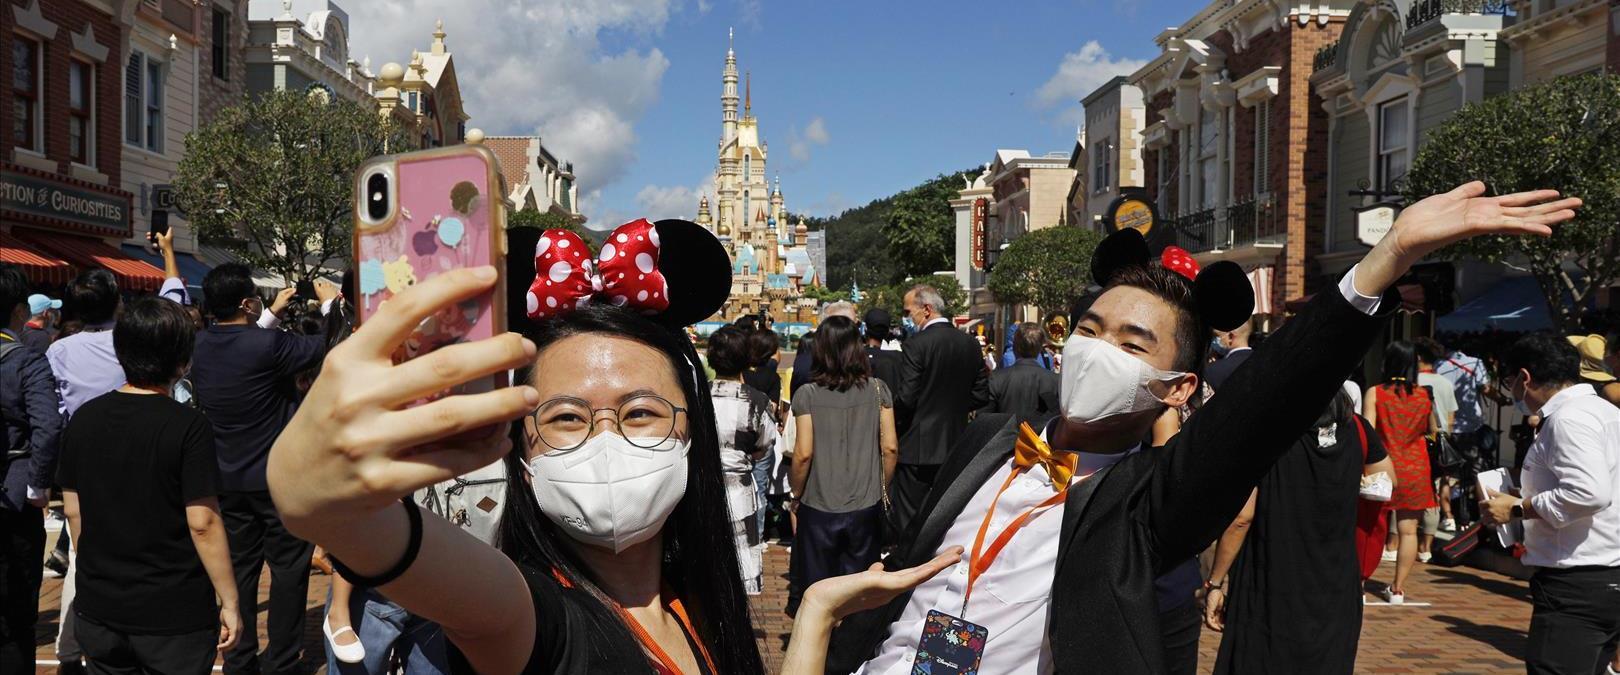 מבלים בפארק דיסני בהונג קונג עם מסכות נגד קורונה